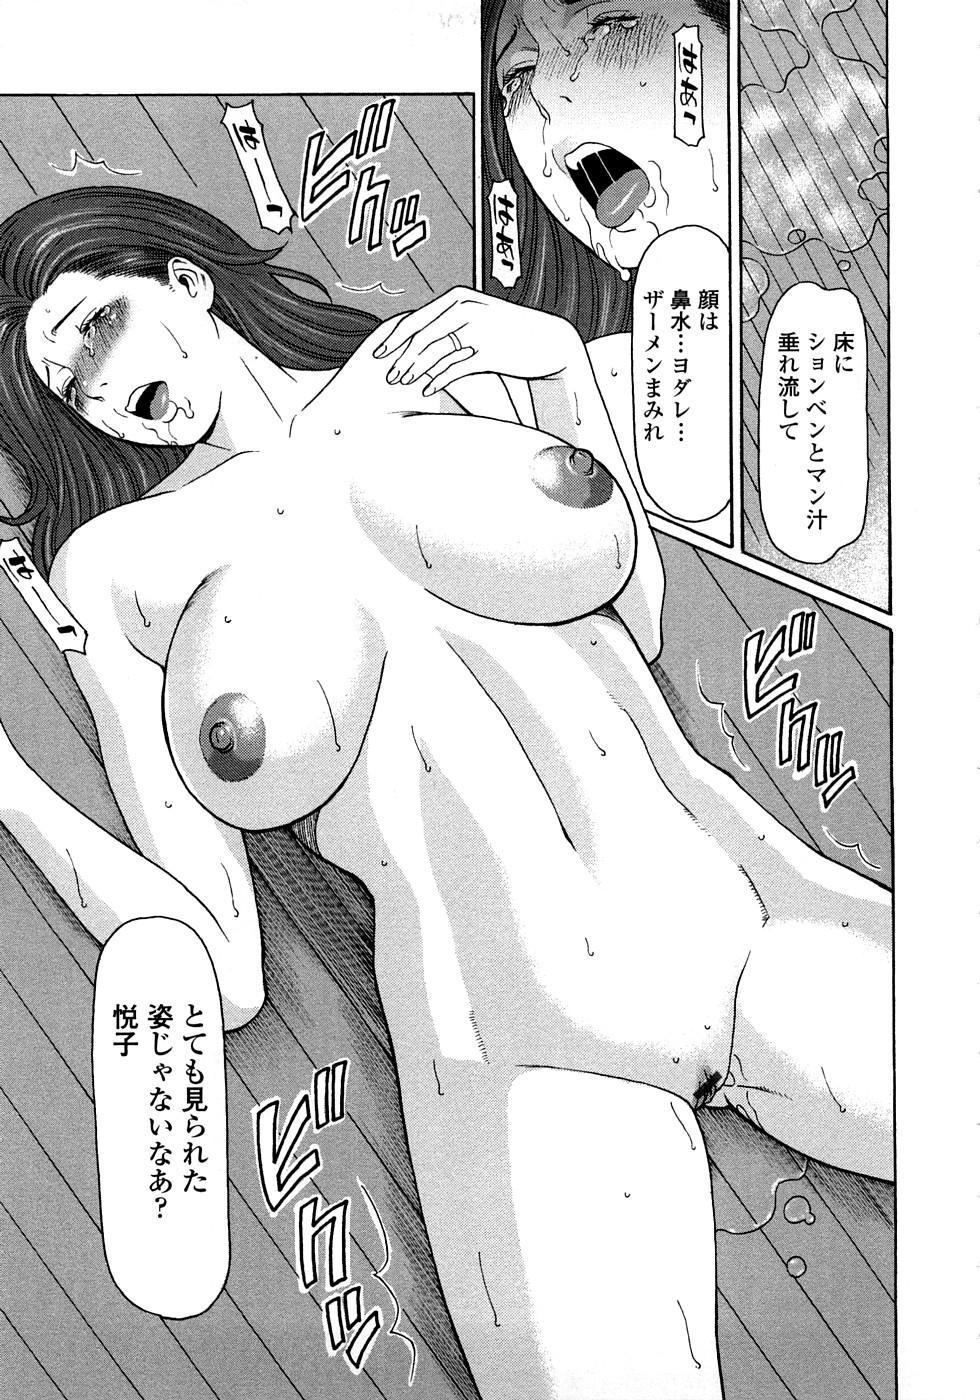 Etsuraku no Tobira - The Door of Sexual Pleasure 91